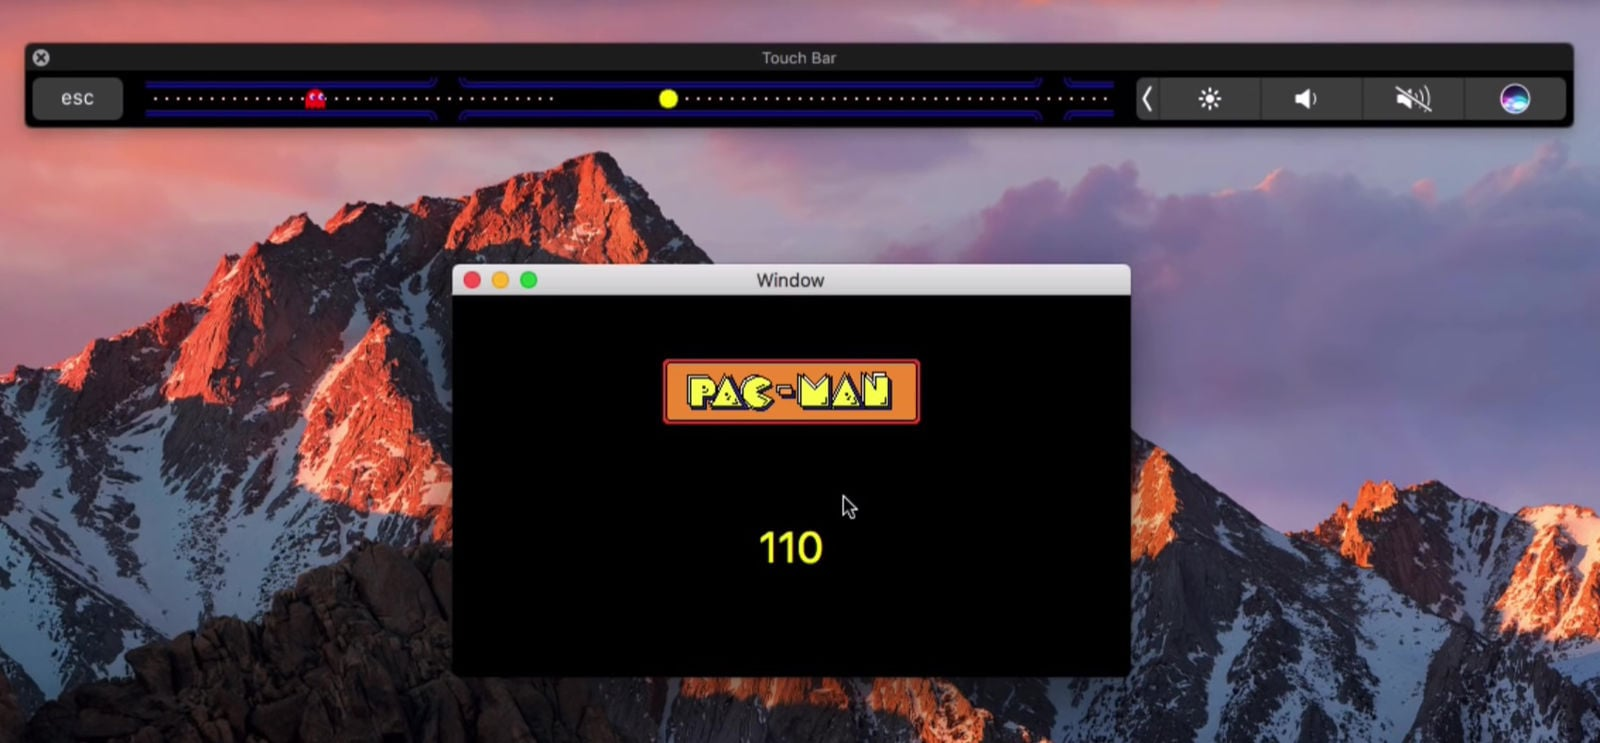 Touchbar packman